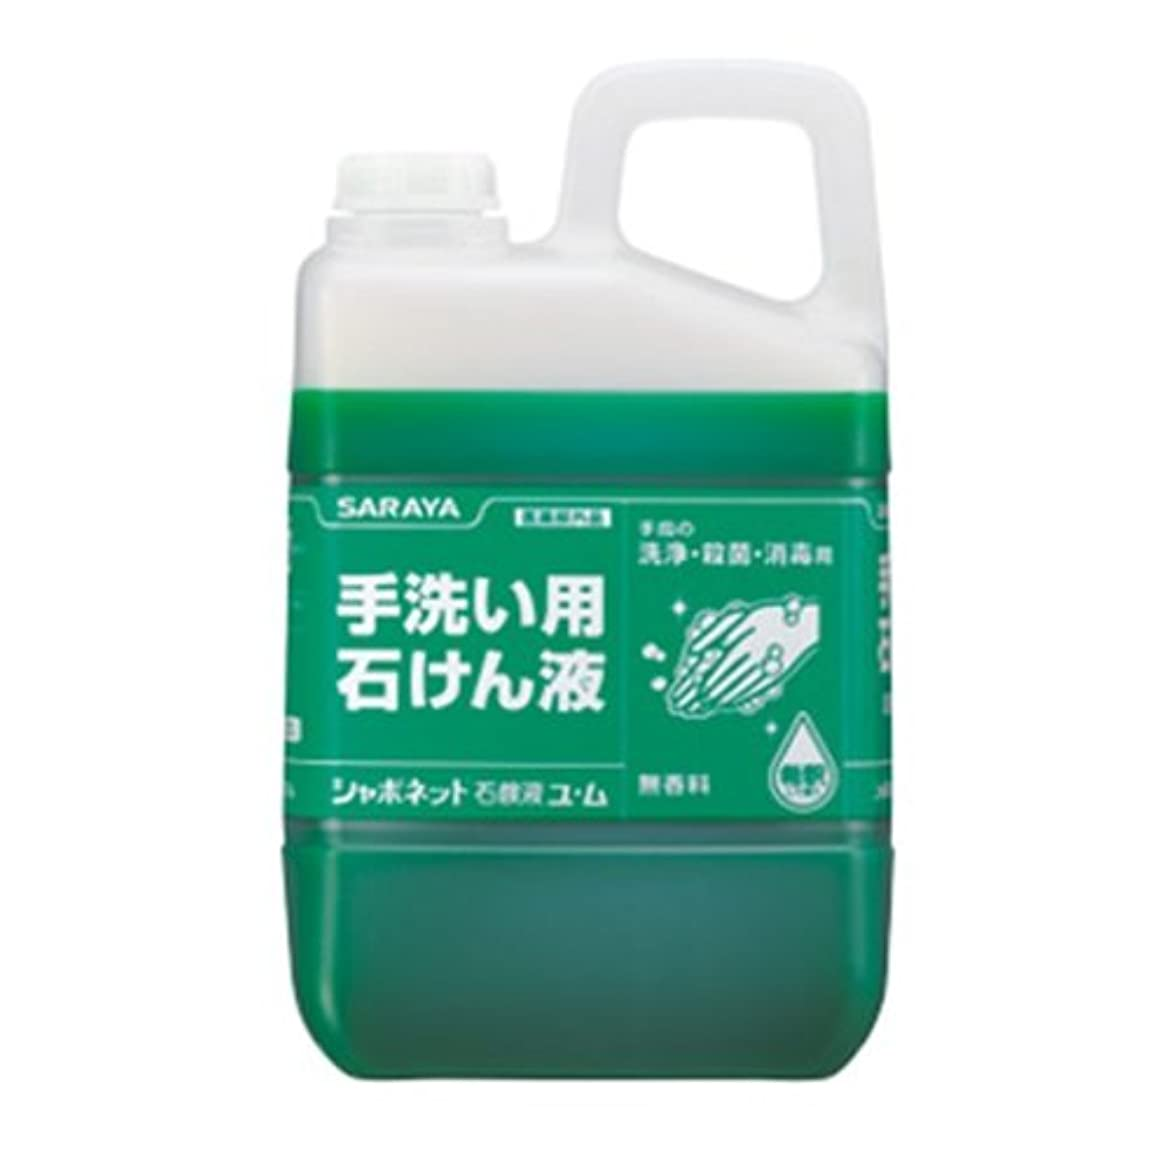 効率的科学高度な【ケース販売】30831 手洗い用石けん液 シャボネット石鹸液ユ?ム 3kg×3個